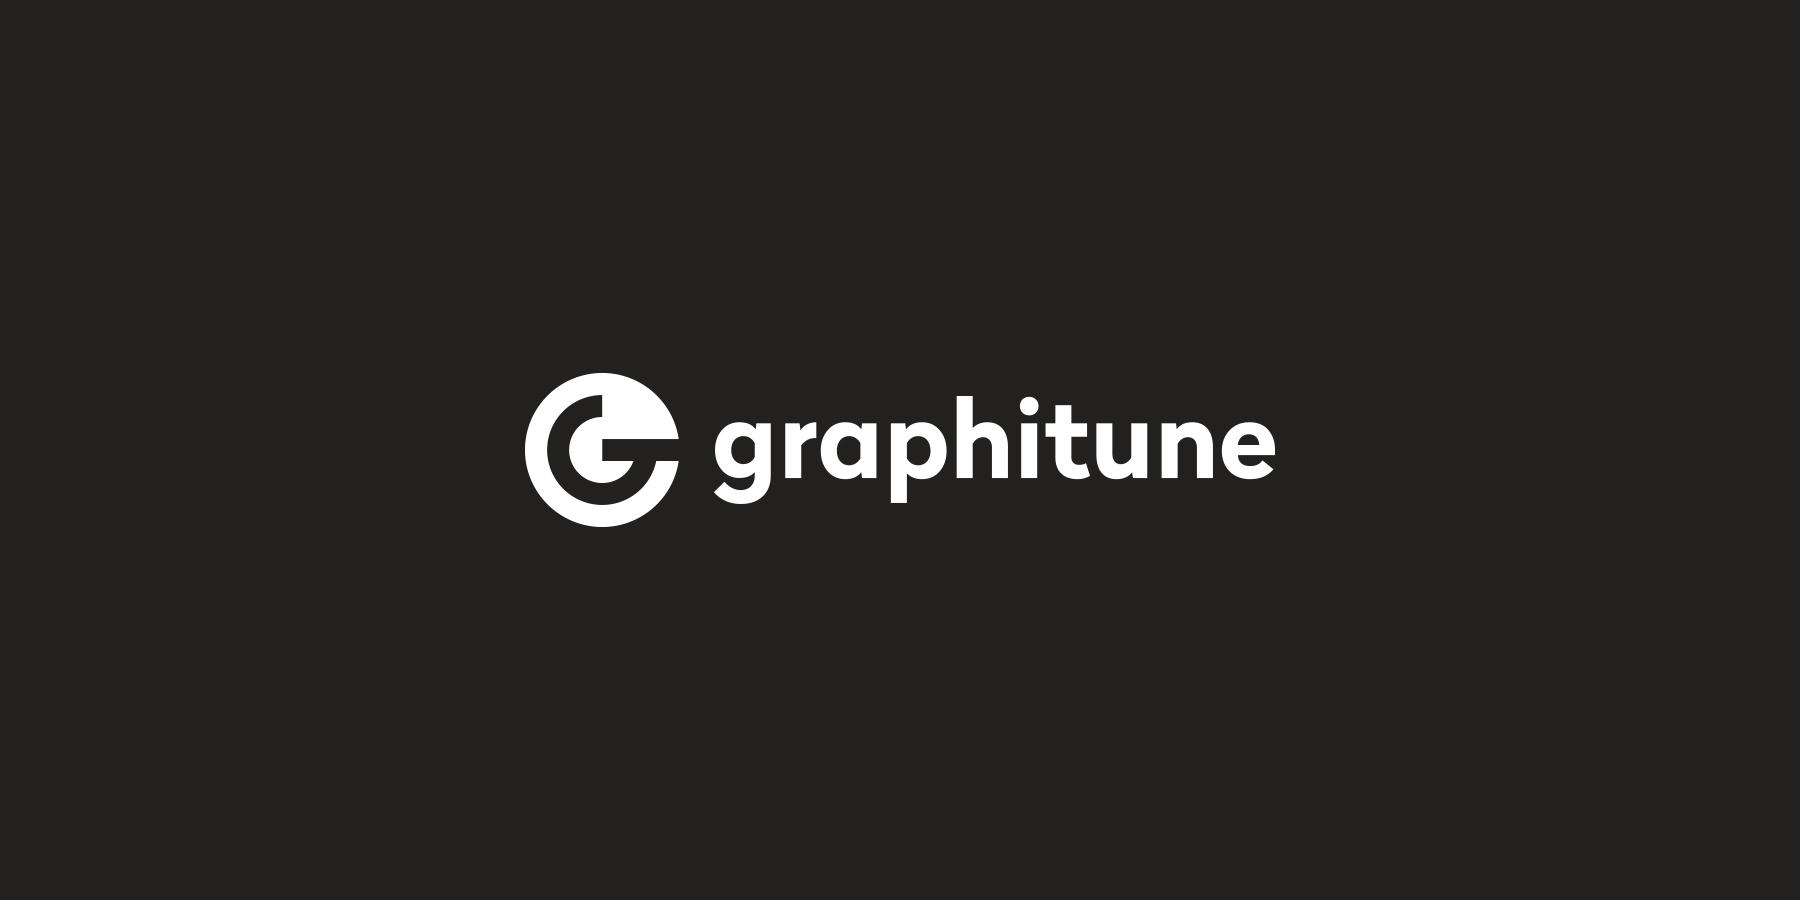 graphitune-logo-design-03